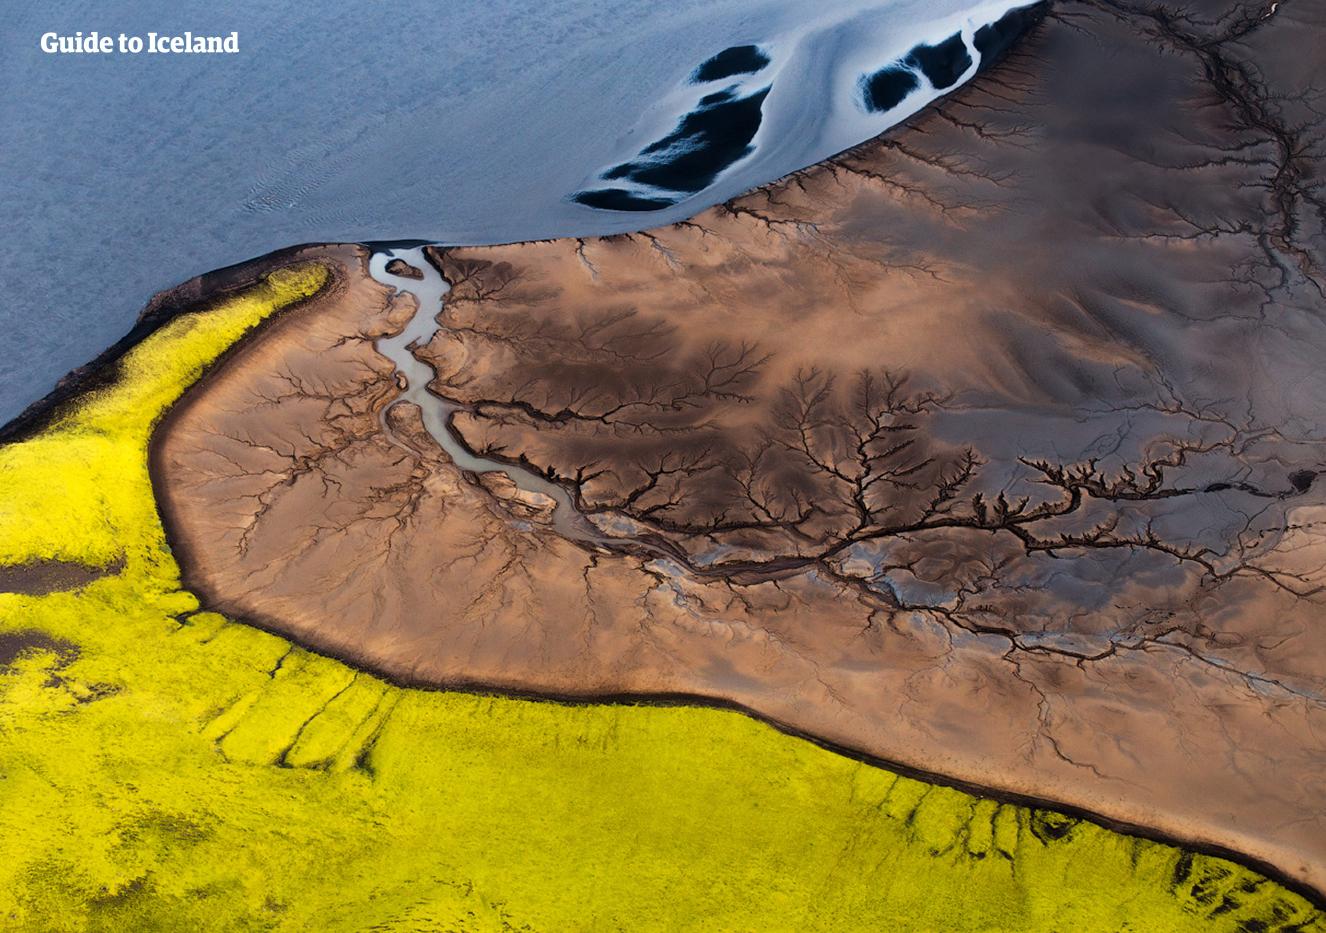 นักปีนเขาในลานมันนาเลยการ์แวะพักที่จุดชมวิวในไฮแลนด์ ดื่มด่ำกับวิวภูเขา แม่น้ำ และทุ่งลาวาที่ปกคลุมด้วยมอส